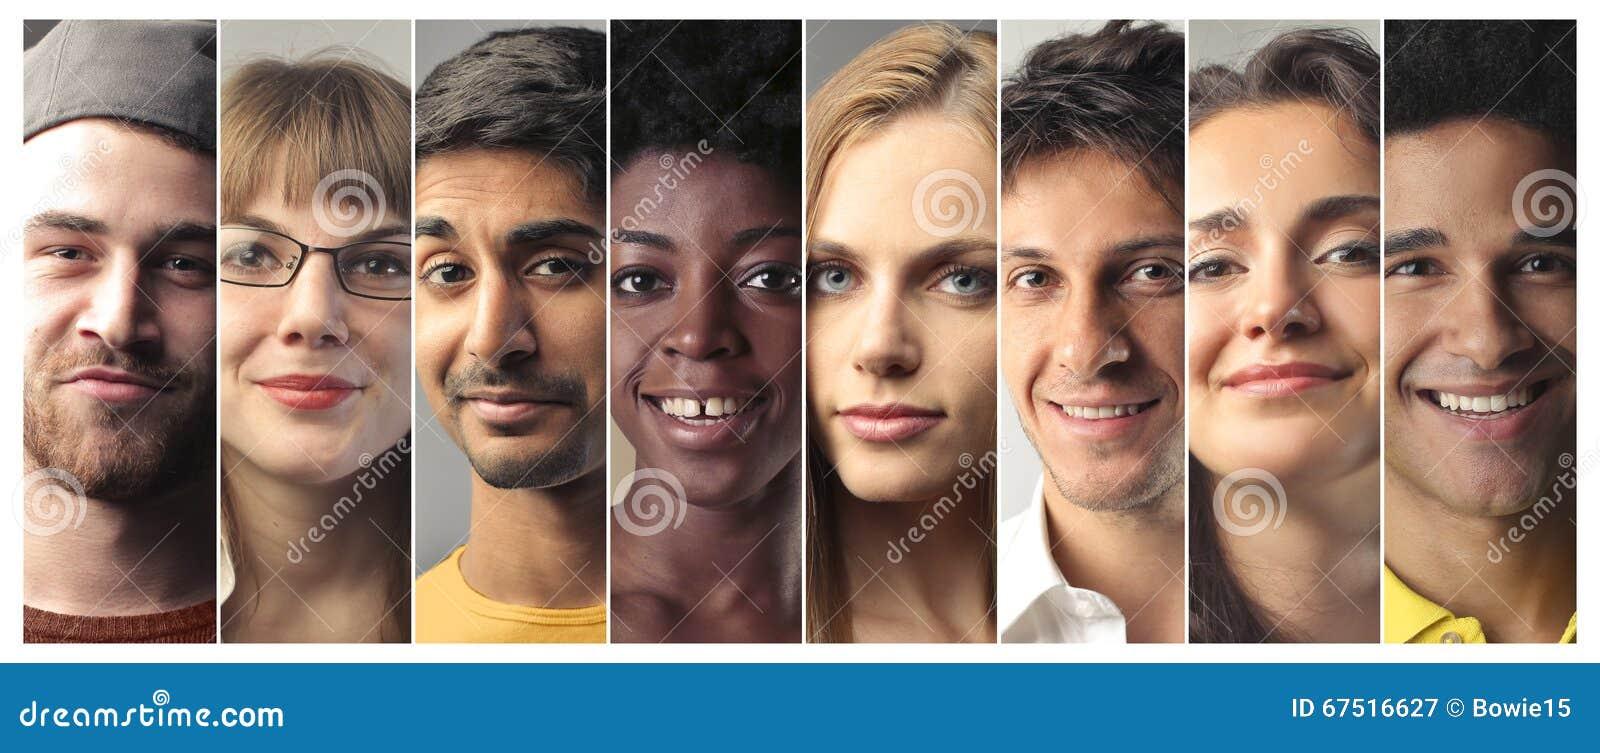 Folk med olika uttryck